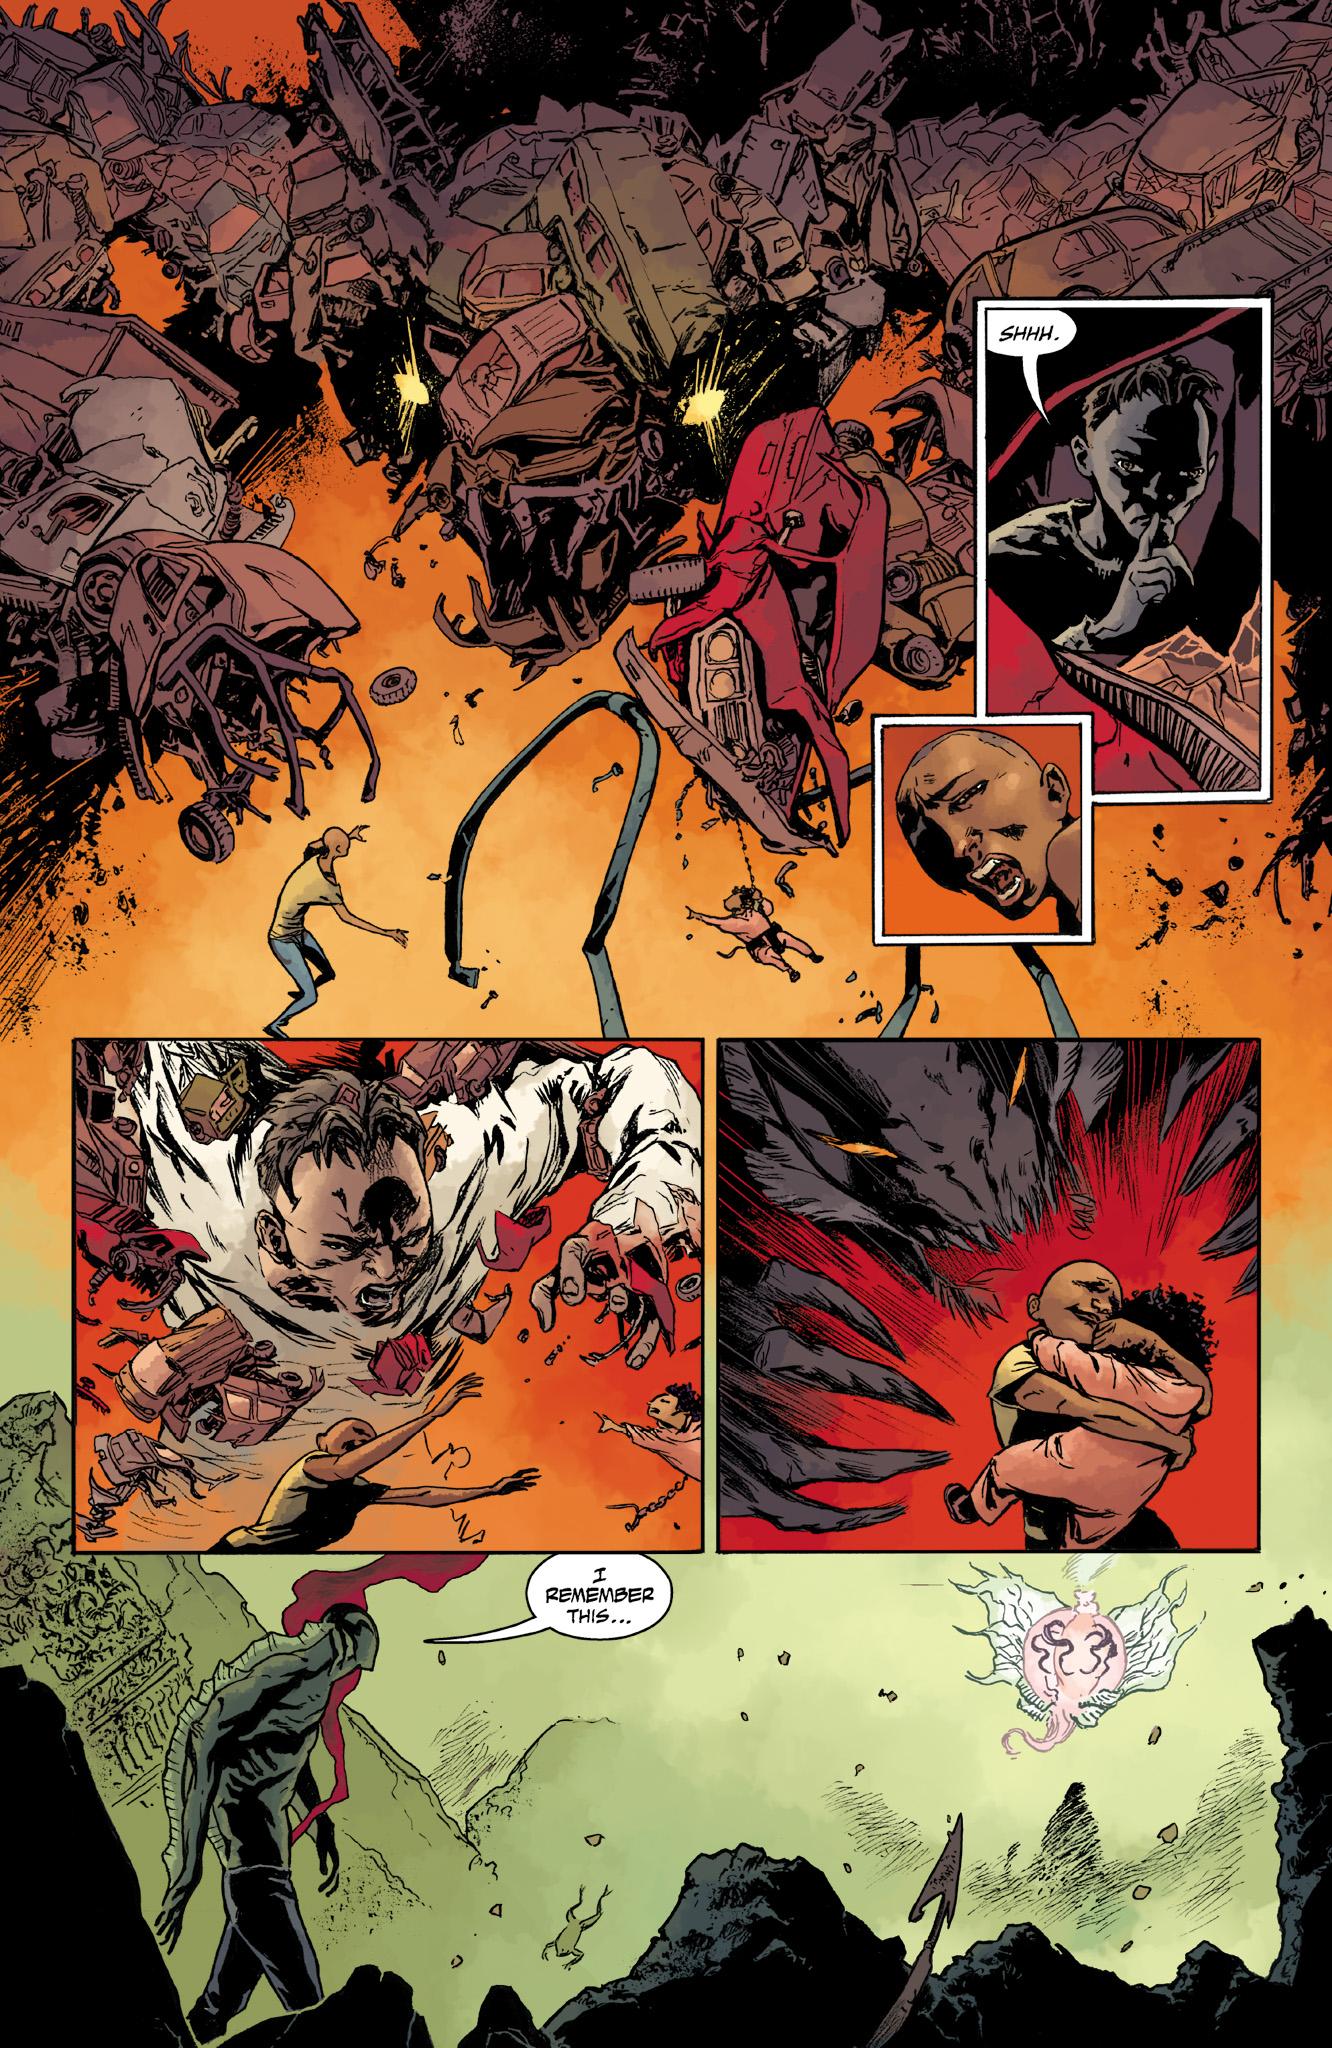 Read online Abe Sapien comic -  Issue #14 - 20